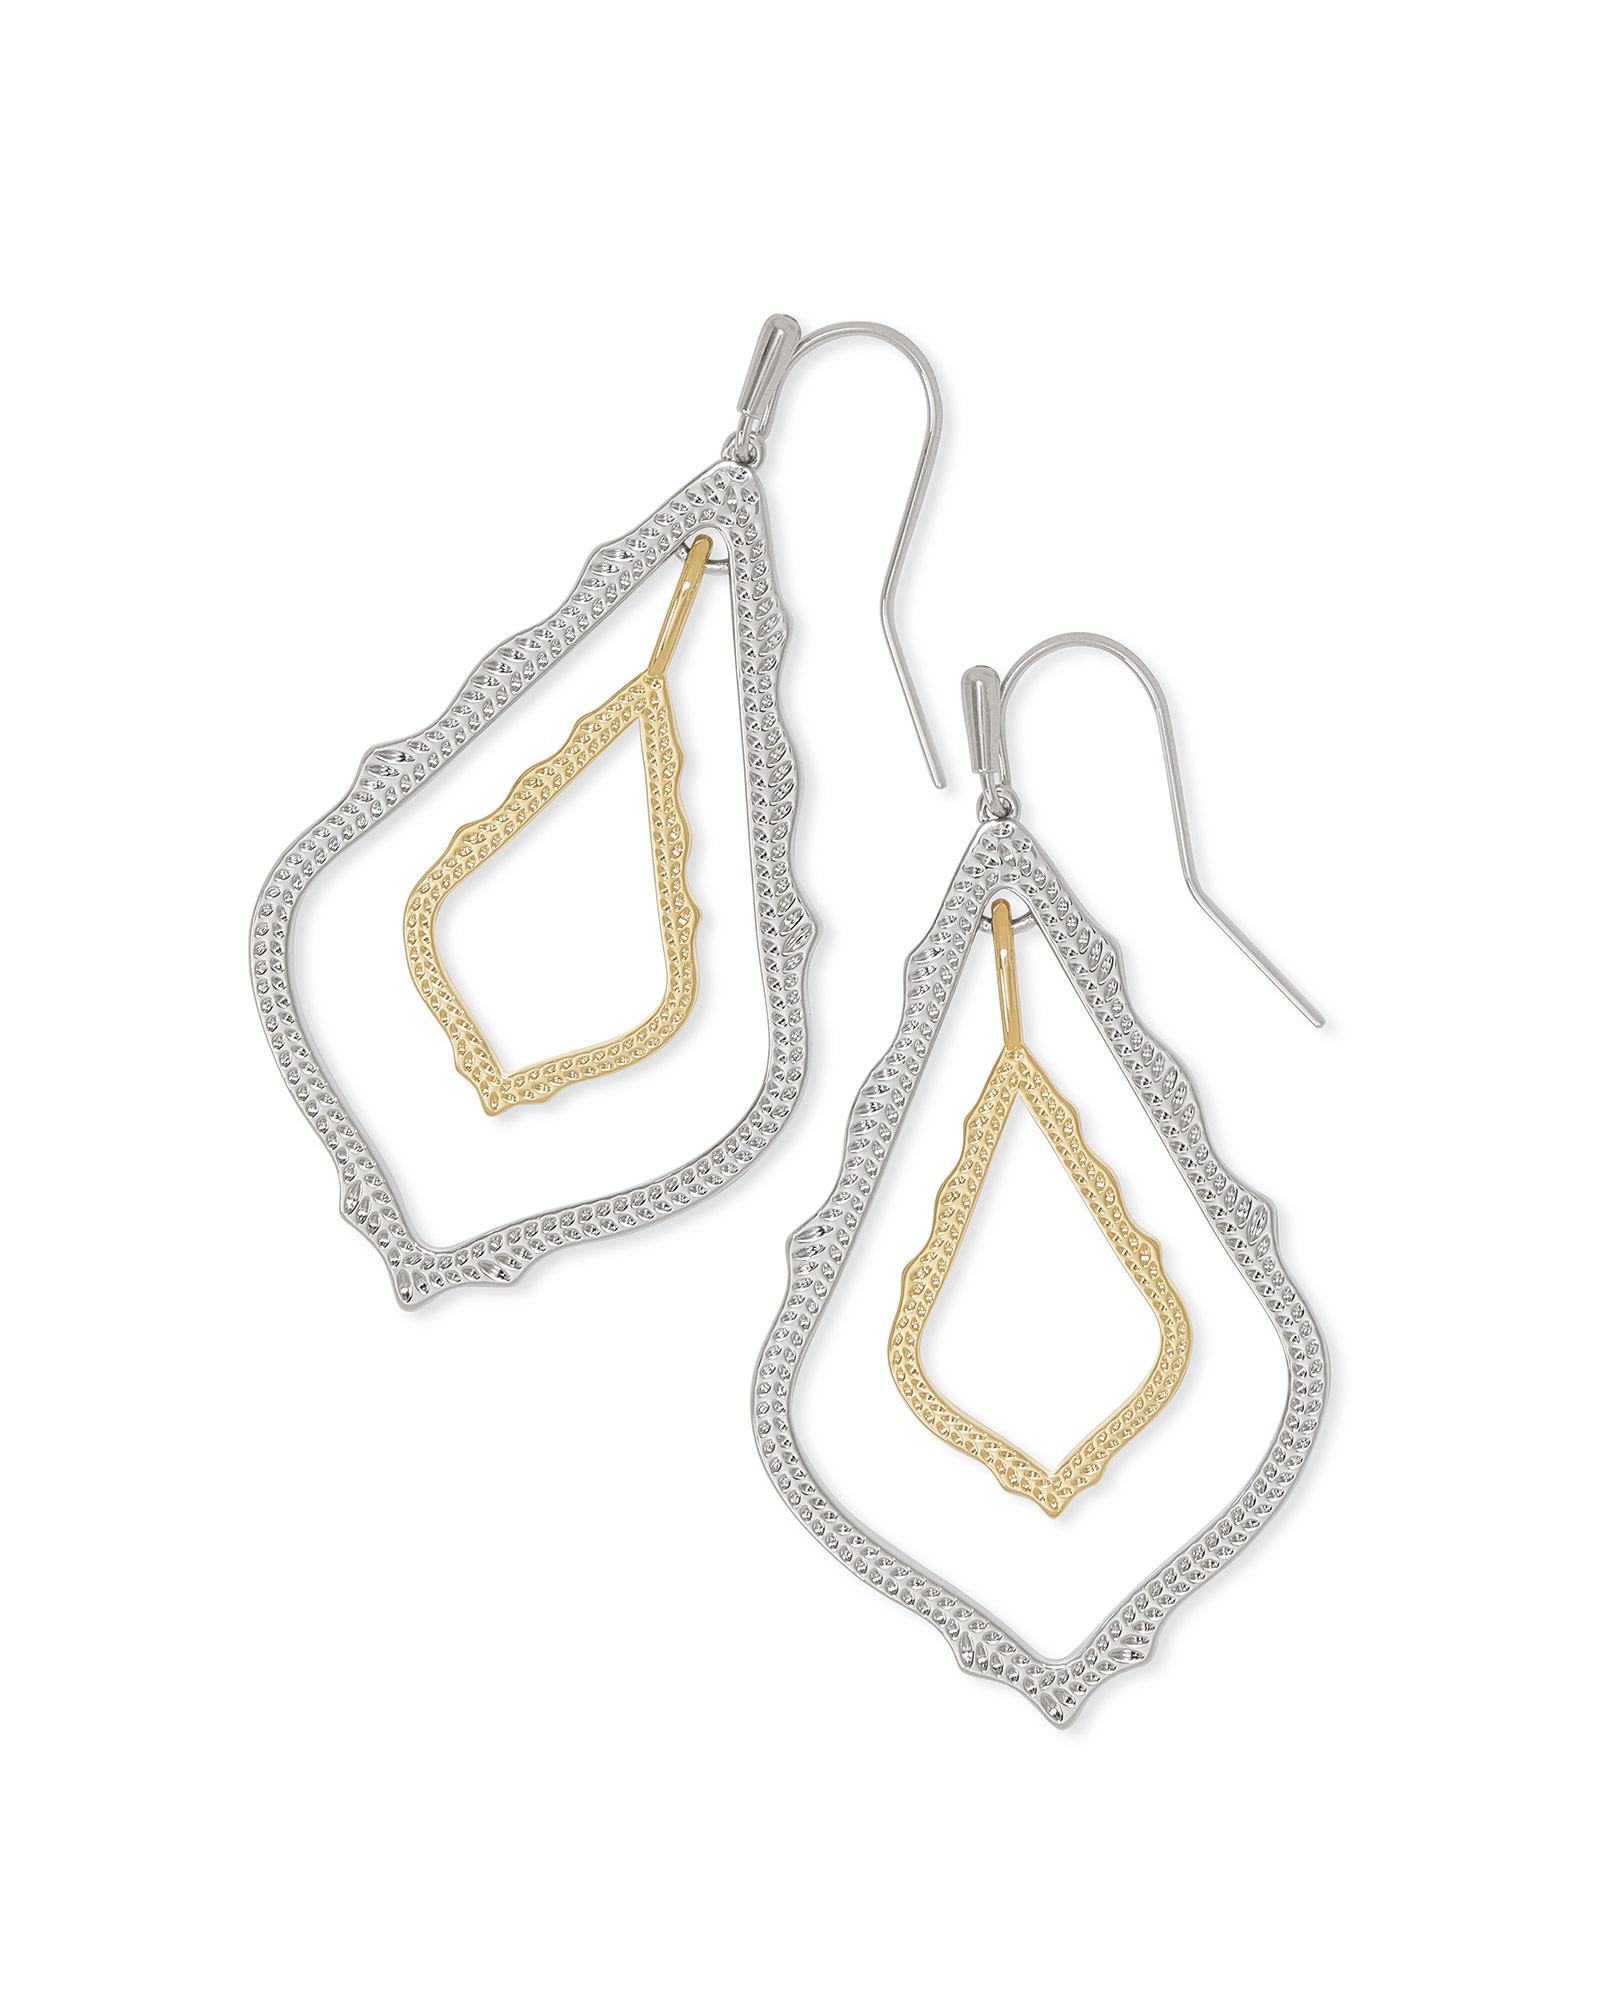 566ab978ea1af Hoop, Stud, Tassel, Opal Earrings | Kendra Scott Earrings